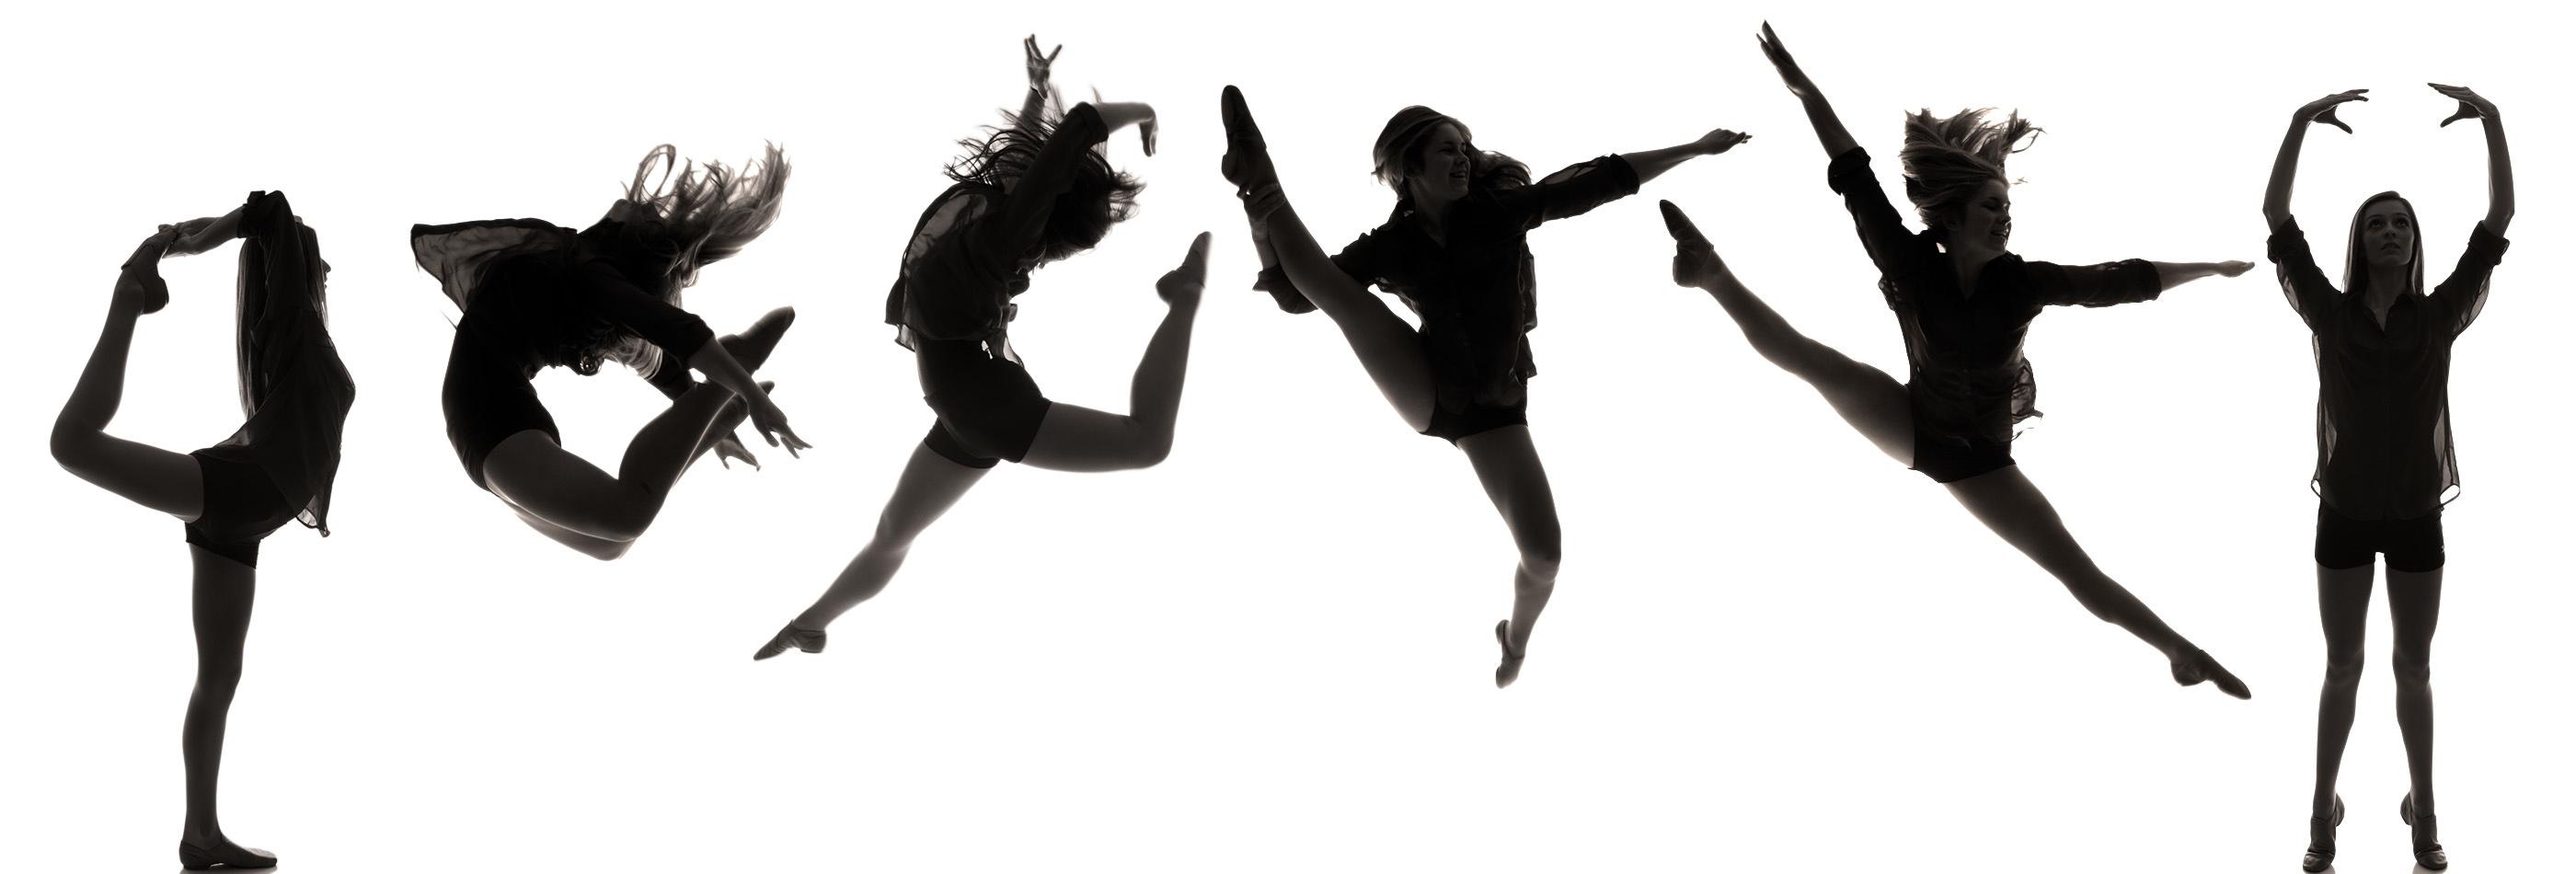 Dance Team Silhouette Clipart-Dance Team Silhouette Clipart-11